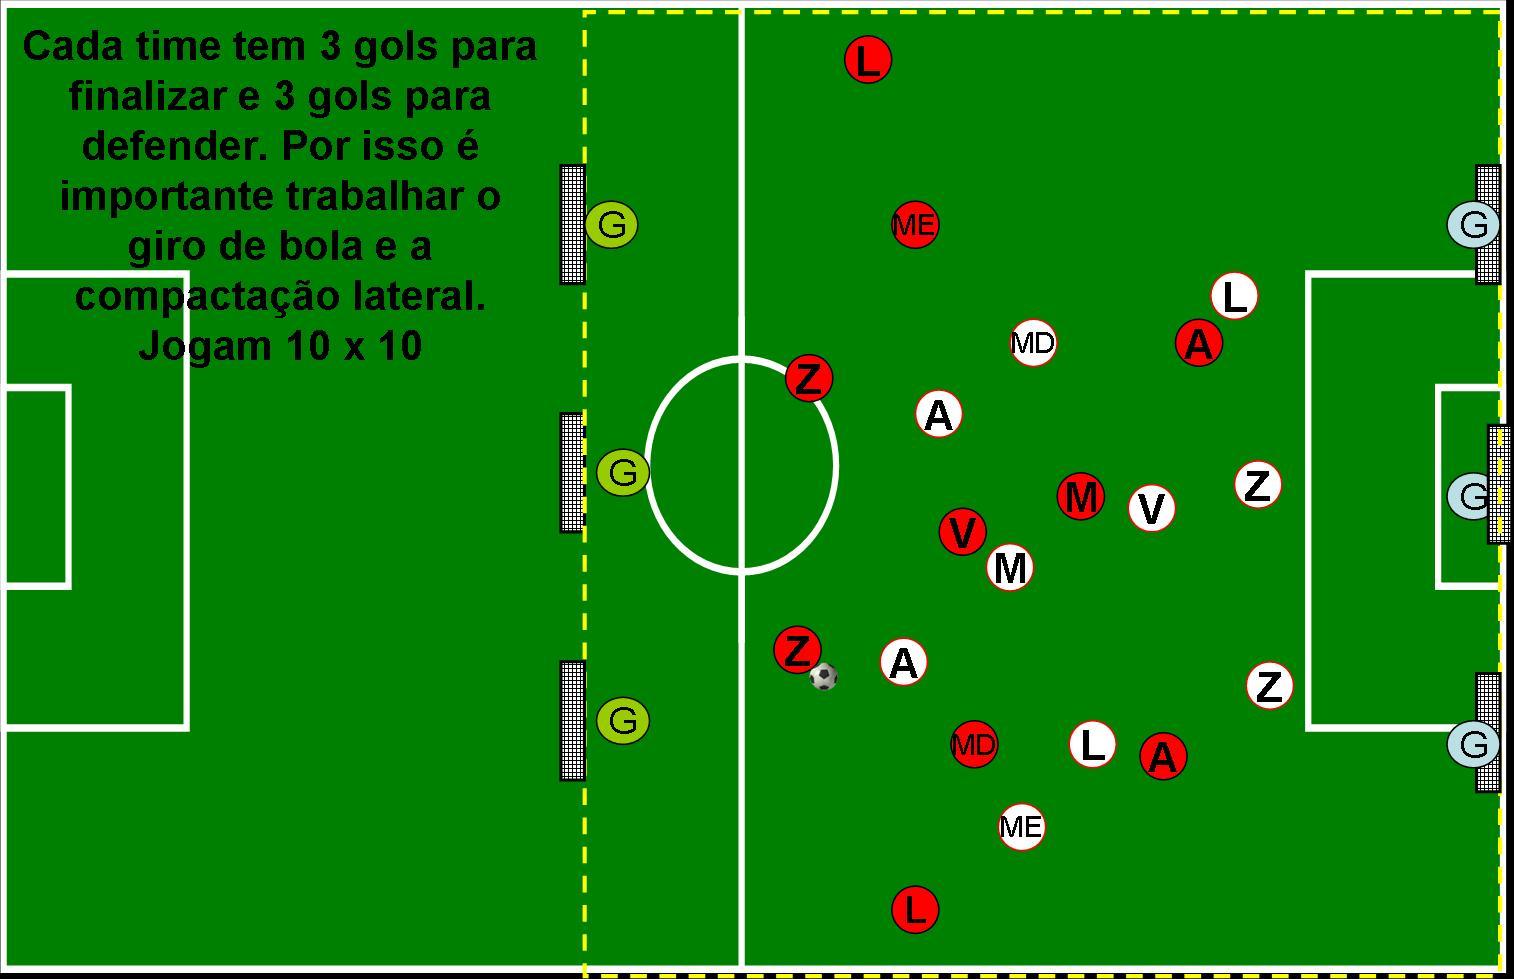 Futebol on line